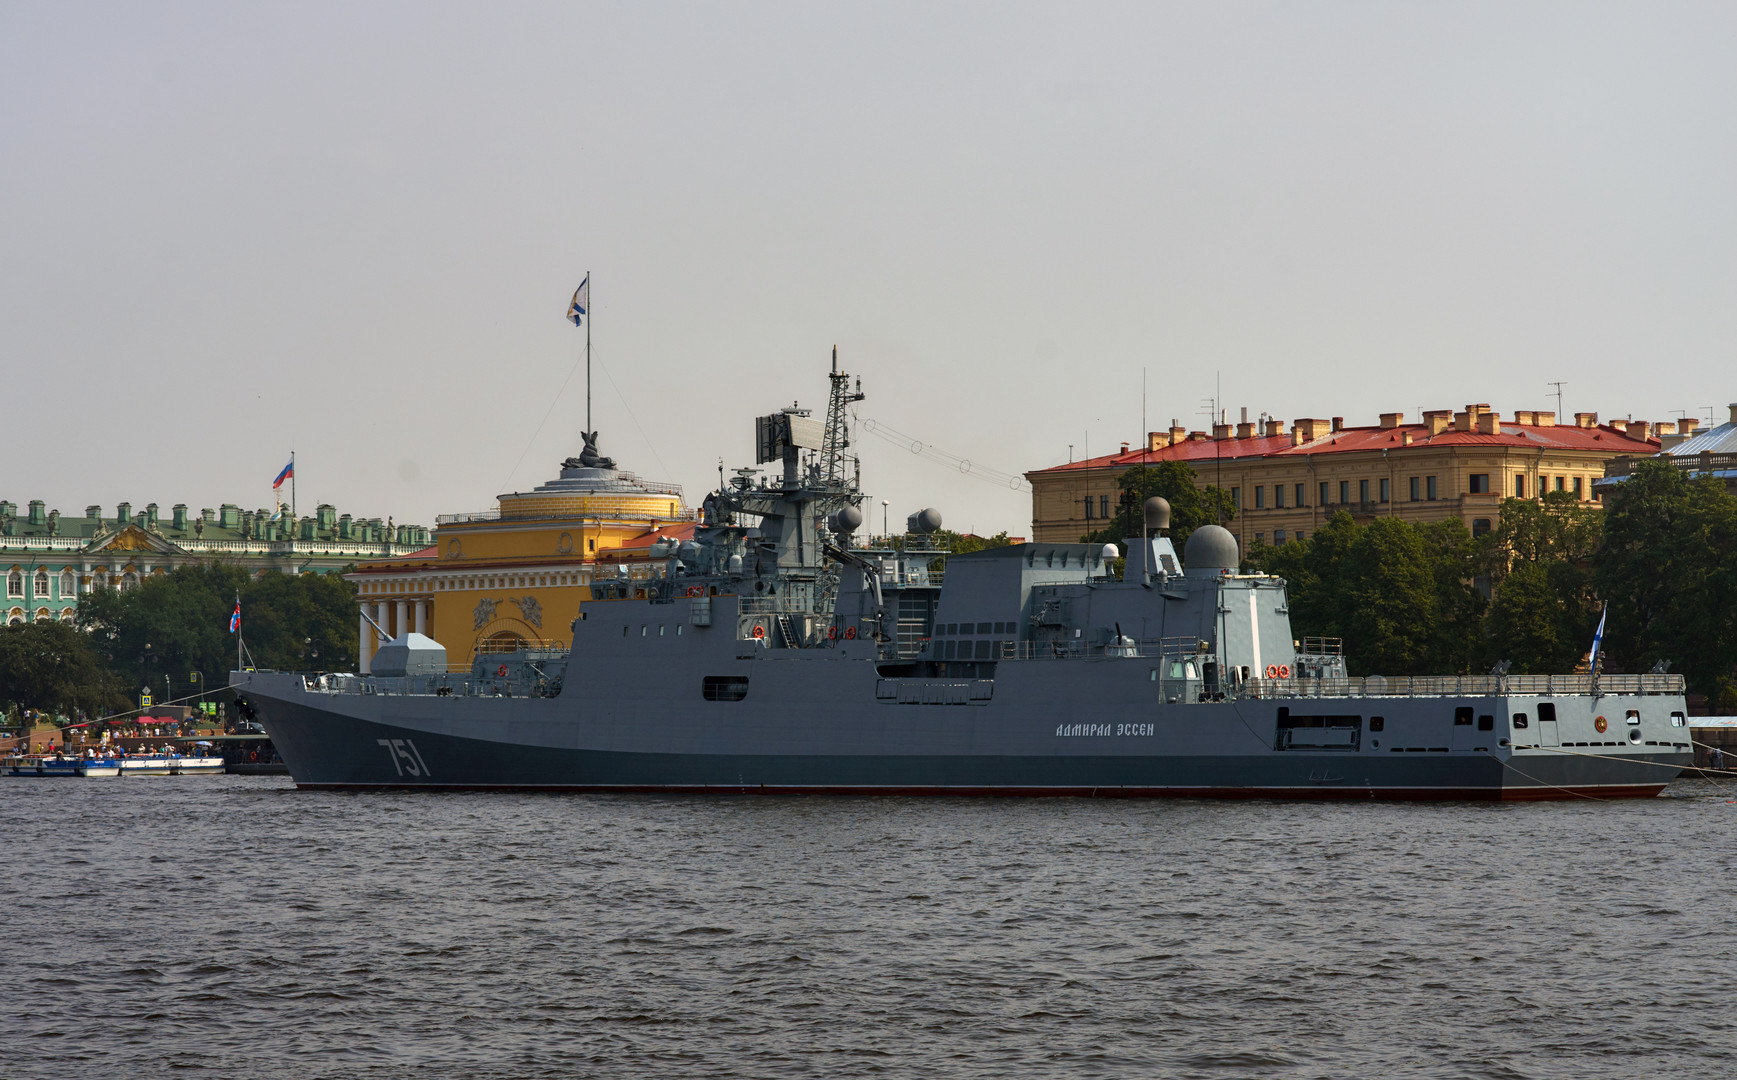 Сторожевой фрегат «Адмирал Эссен» в акватории реки Невы, который 31 июля примет участие в параде, посвящённом Дню Военно-морского флота России